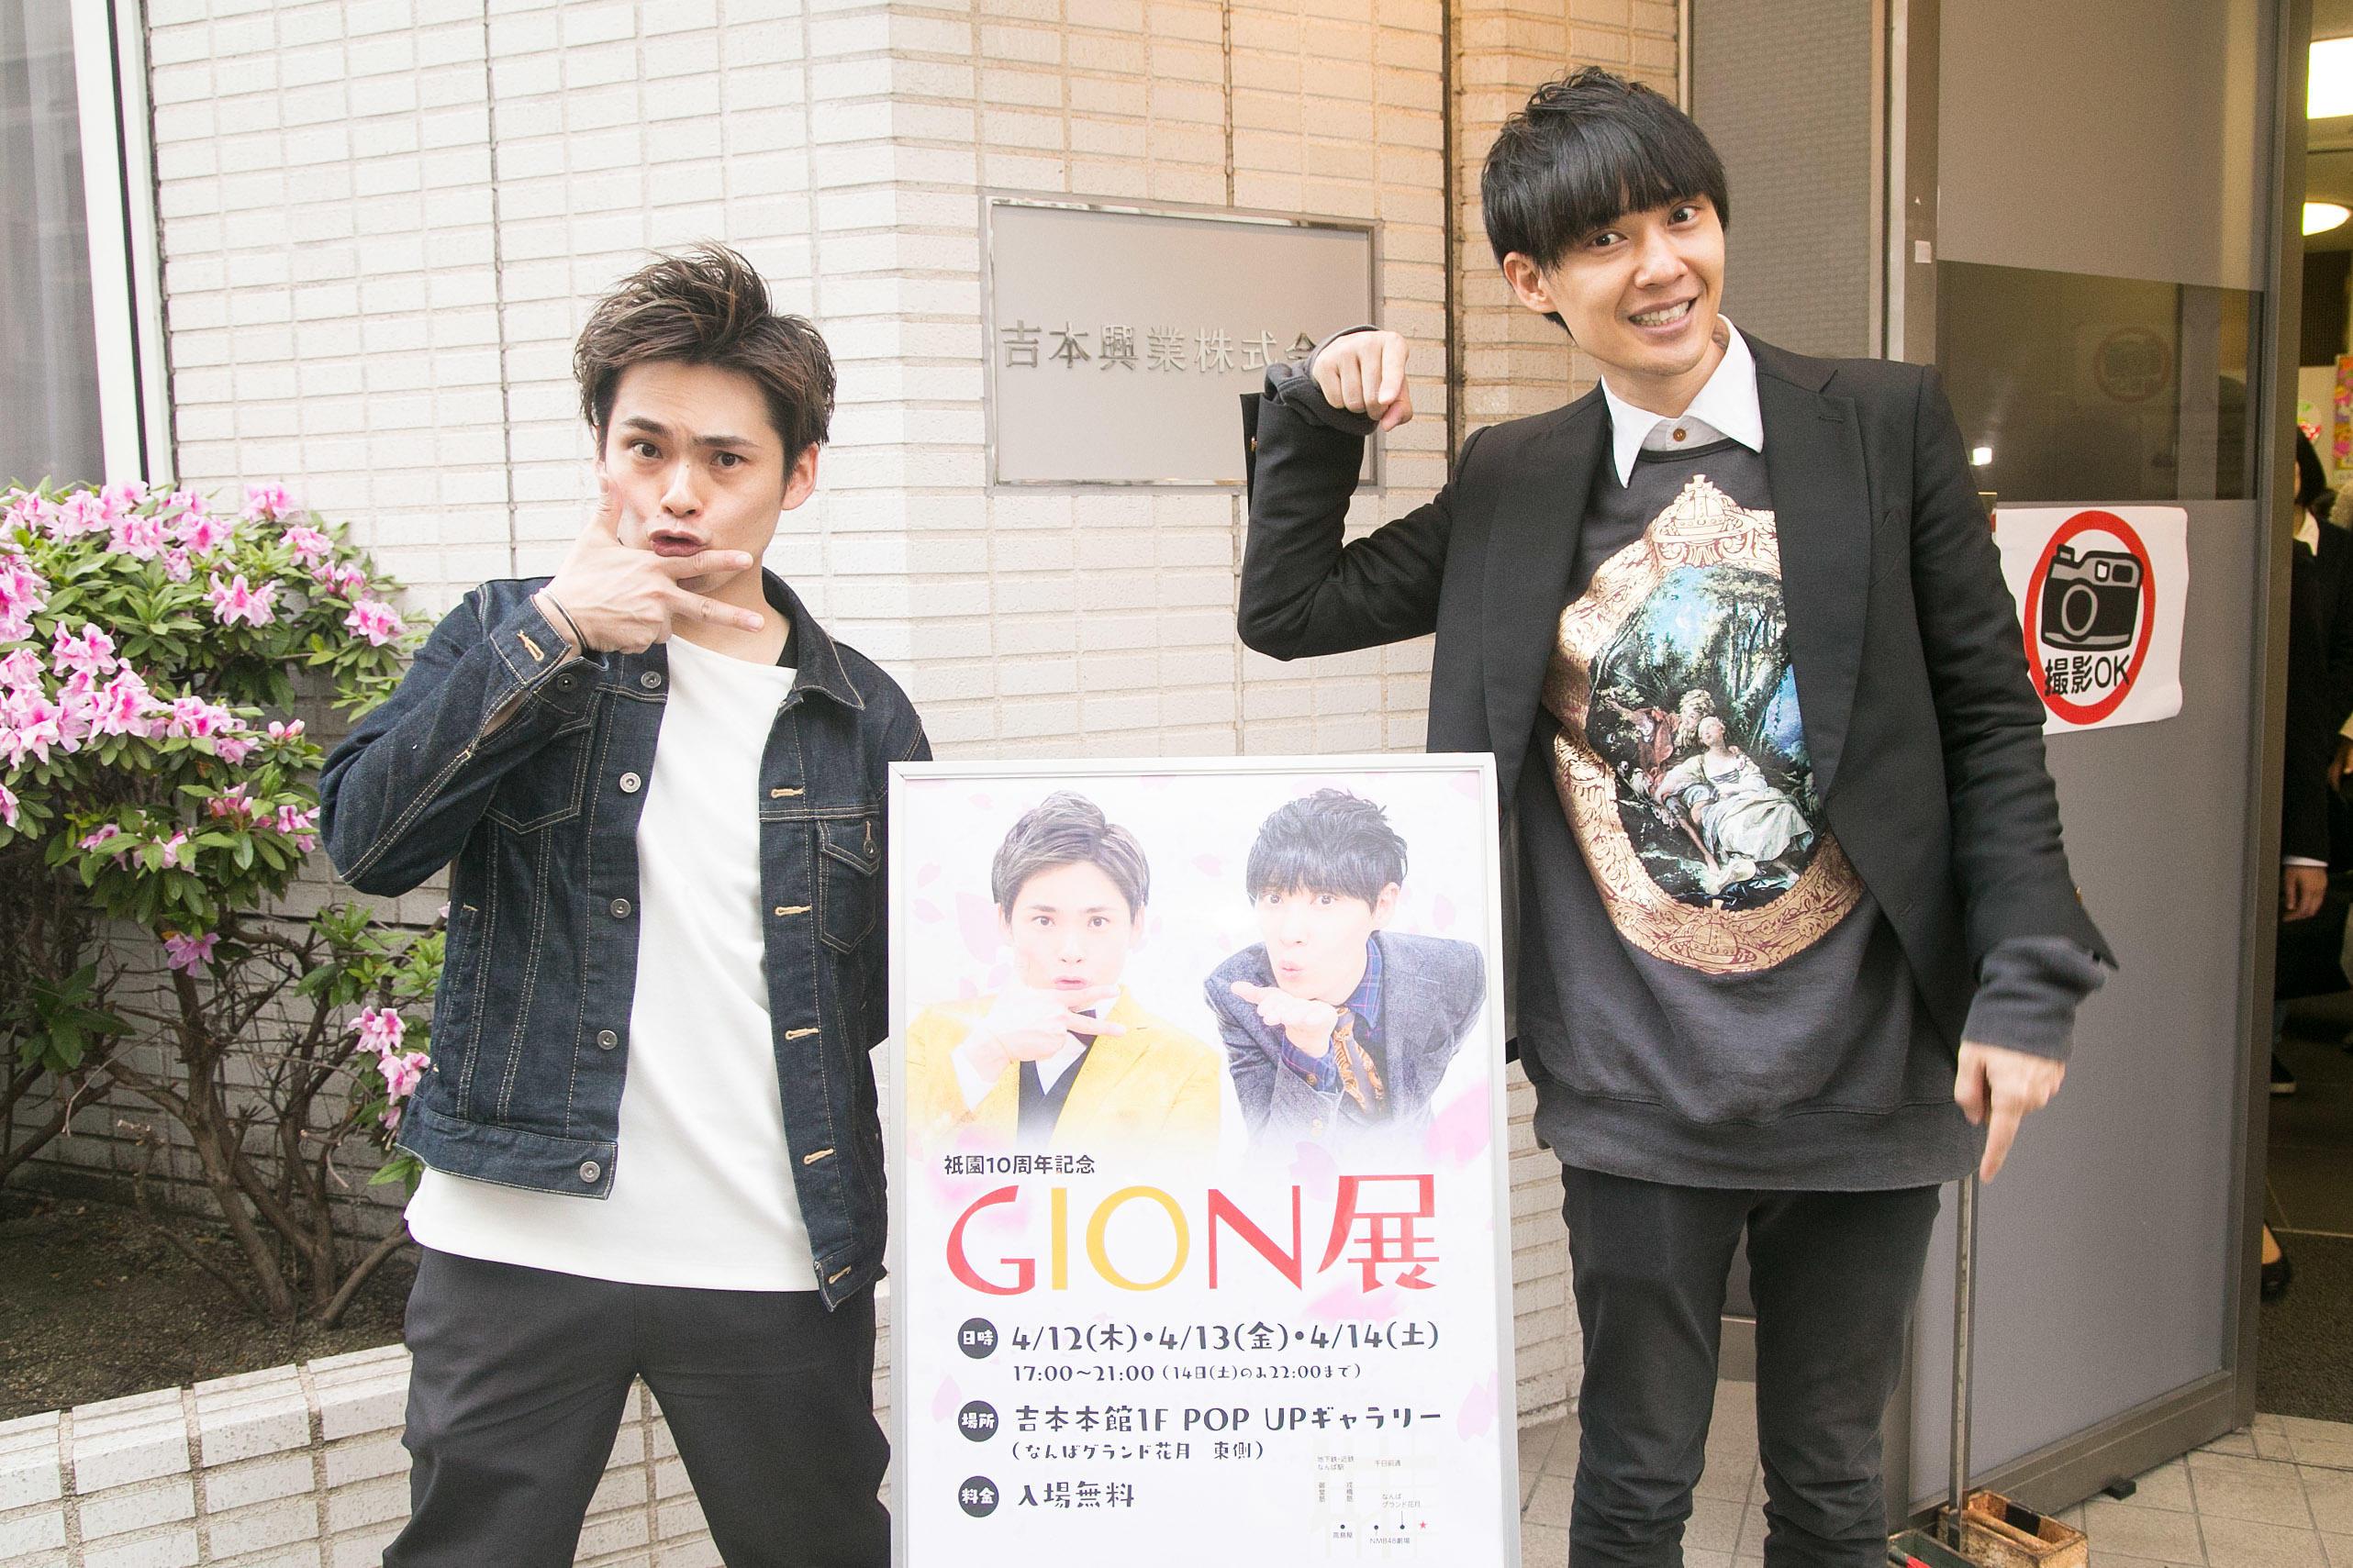 http://news.yoshimoto.co.jp/20180413210443-7f2bdf61d80f53b2d8775ec752caeceb0dbb1d1b.jpg